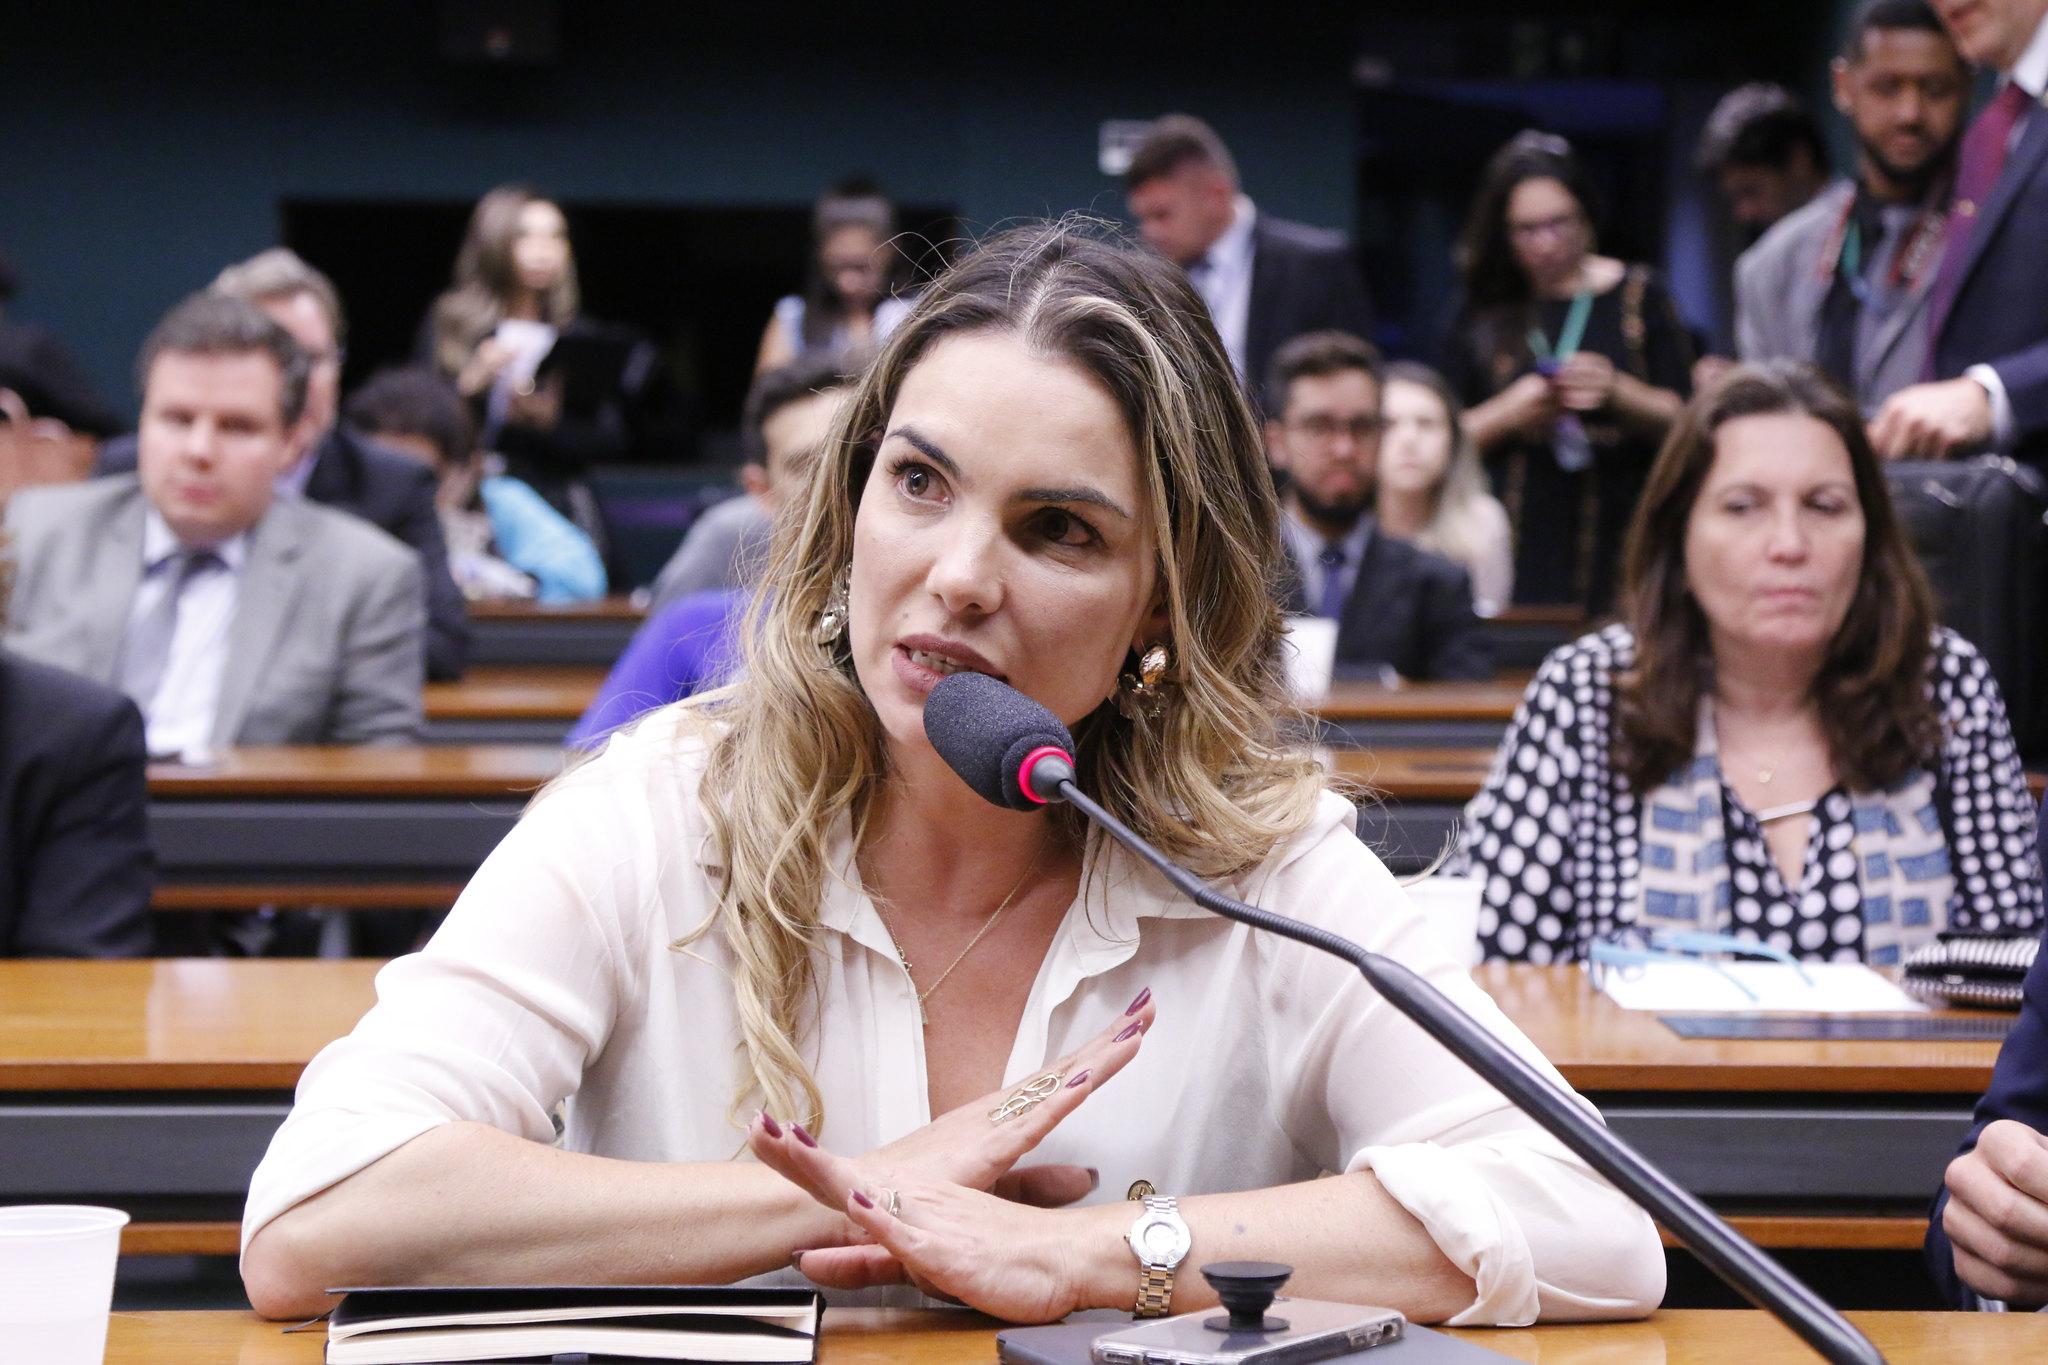 Com discurso coerente, Paula Belmonte continua favorável à reforma da Previdência